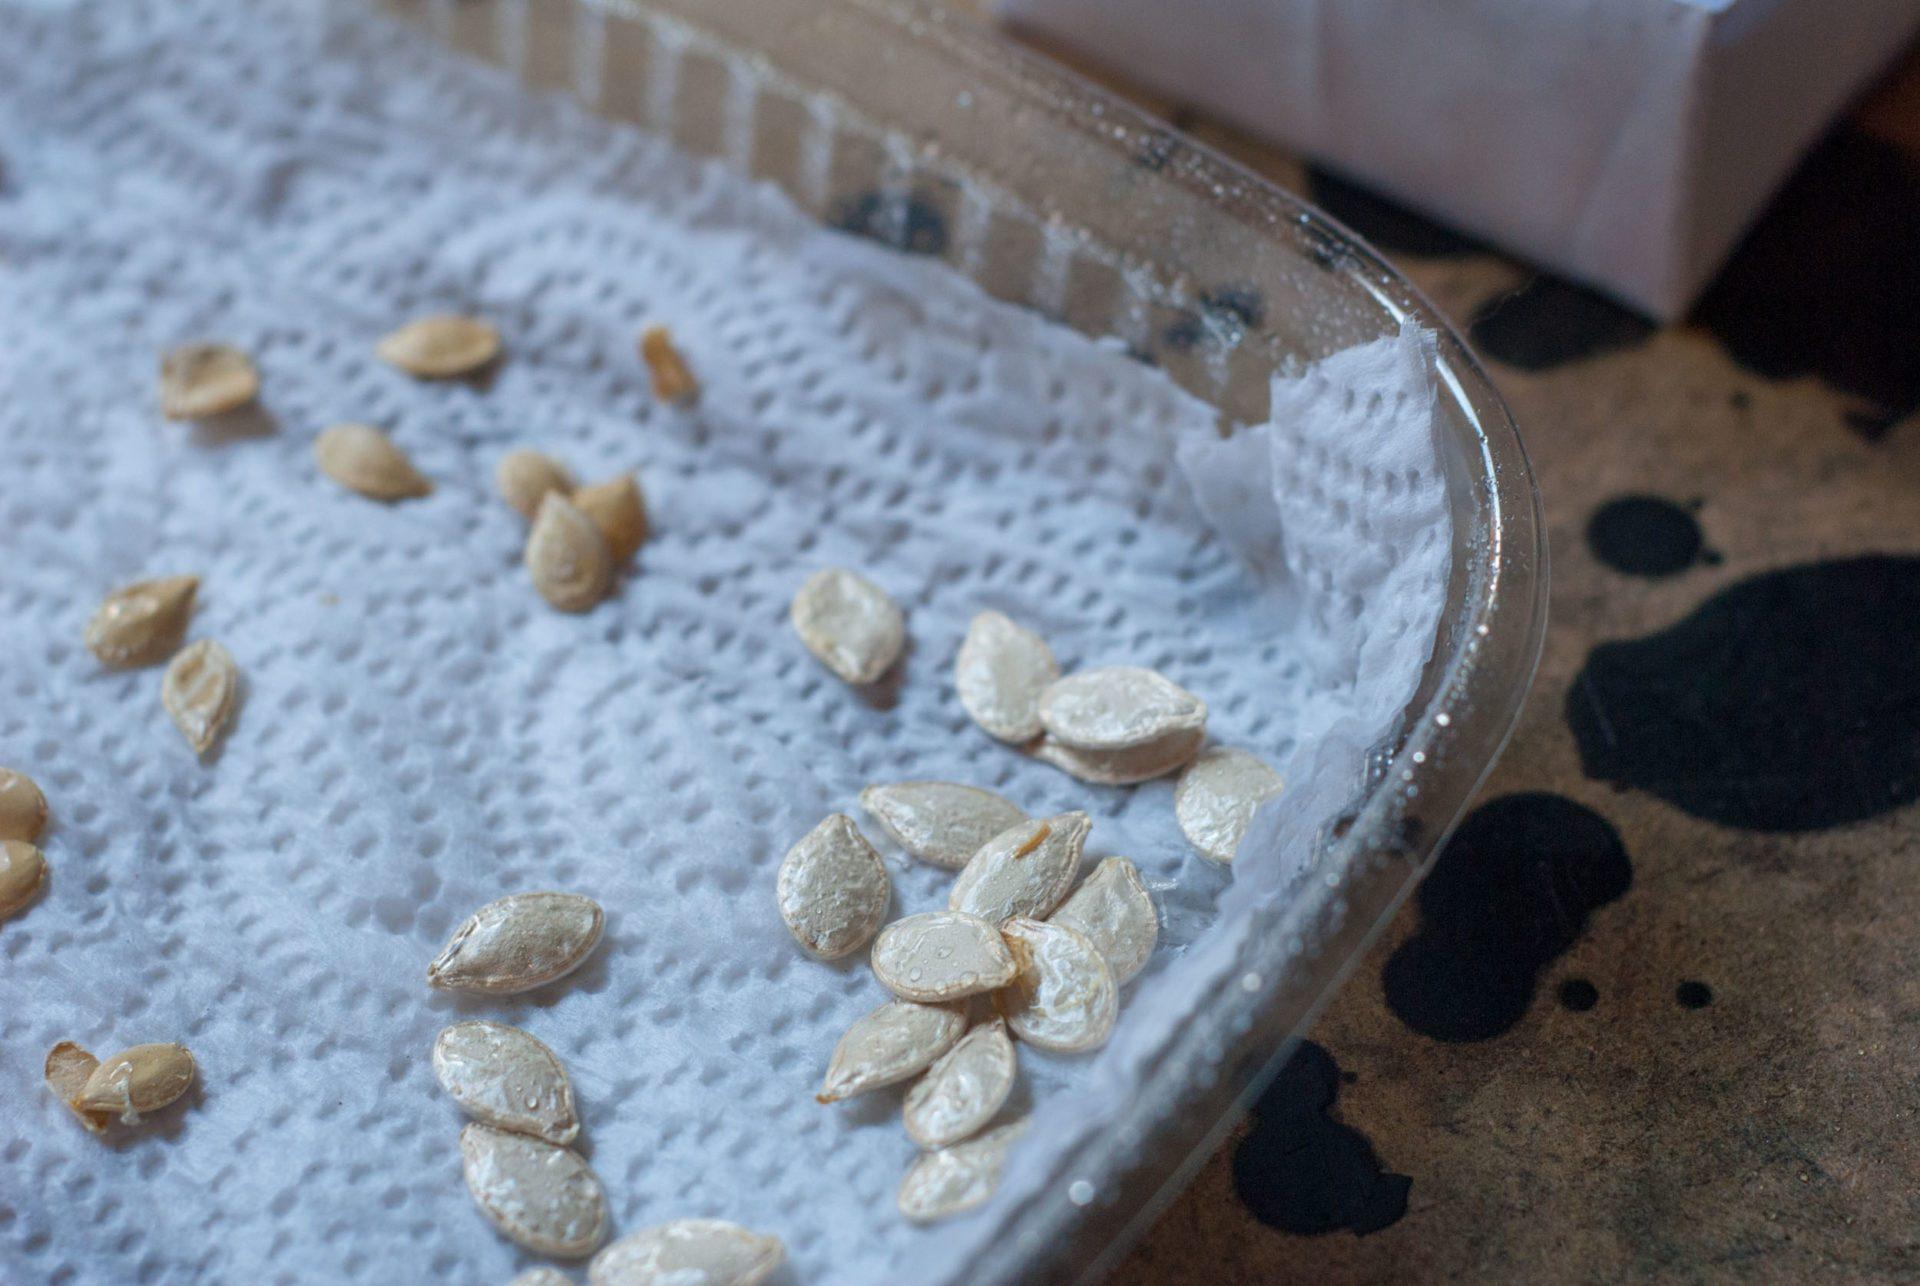 Mit Kürbissamen wird eine Keimprobe durchgeführt.